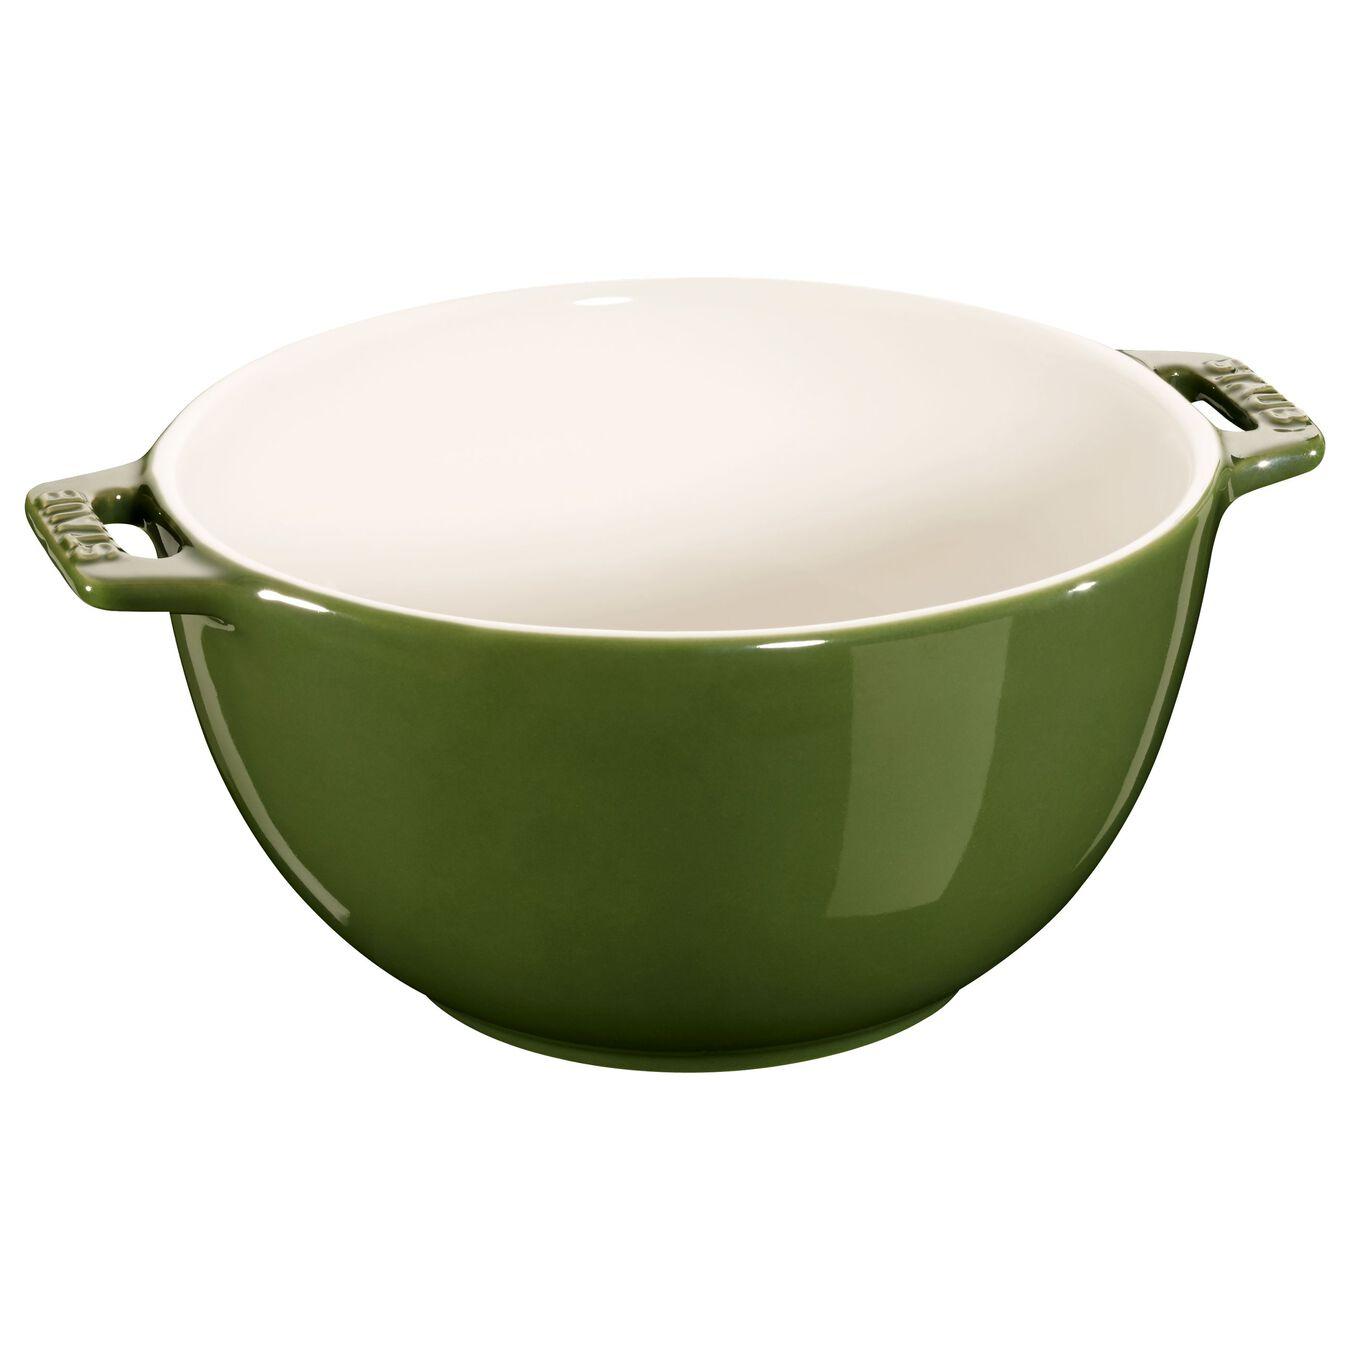 Bowl 18 cm, Cerâmica, verde basil,,large 1